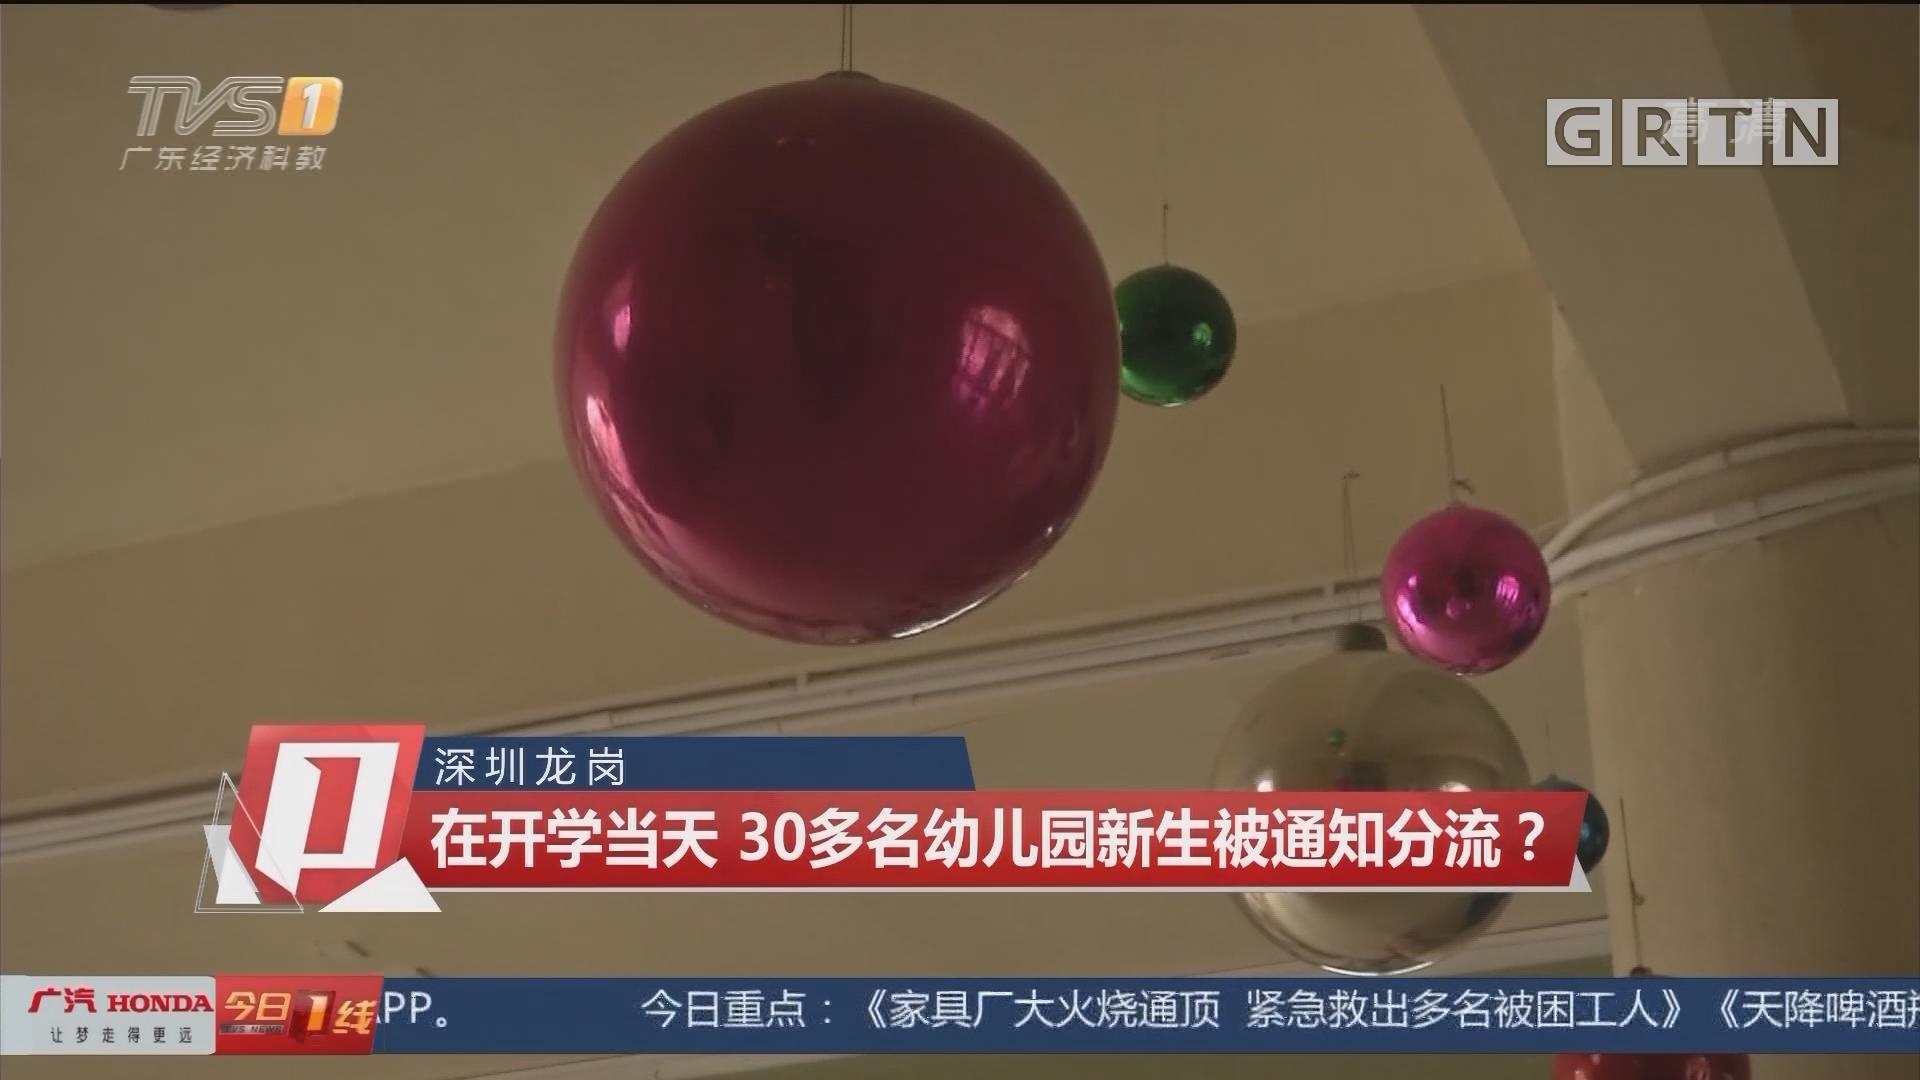 深圳龙岗:在开学当天 30多名幼儿园新生被通知分流?